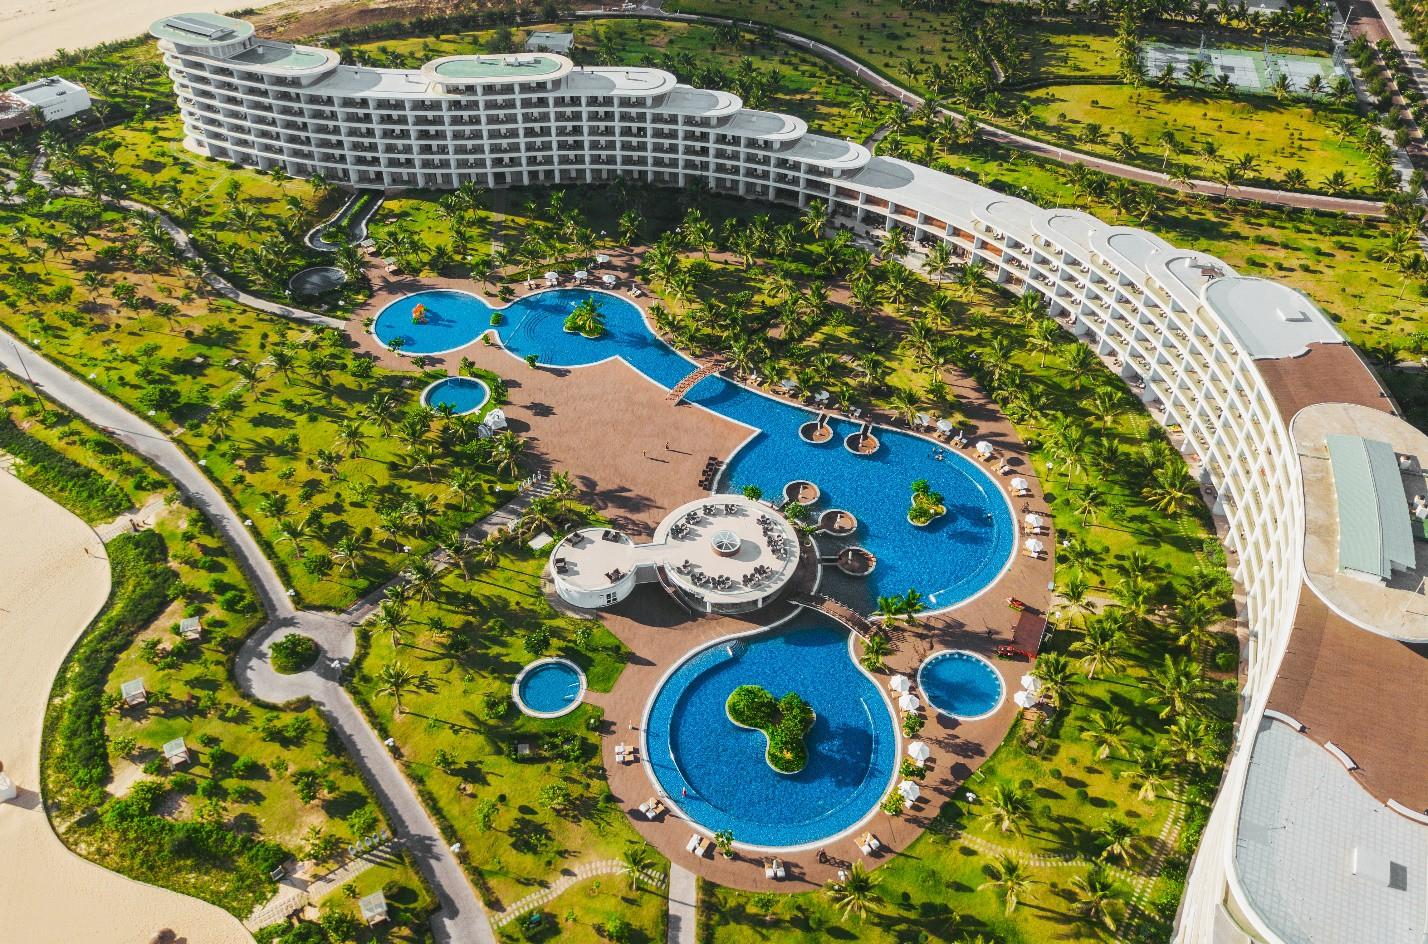 """Khám phá vẻ đẹp của quần thể vừa được WTA vinh danh """"Khu nghỉ dưỡng biển hàng đầu Việt Nam"""" - Ảnh 3."""